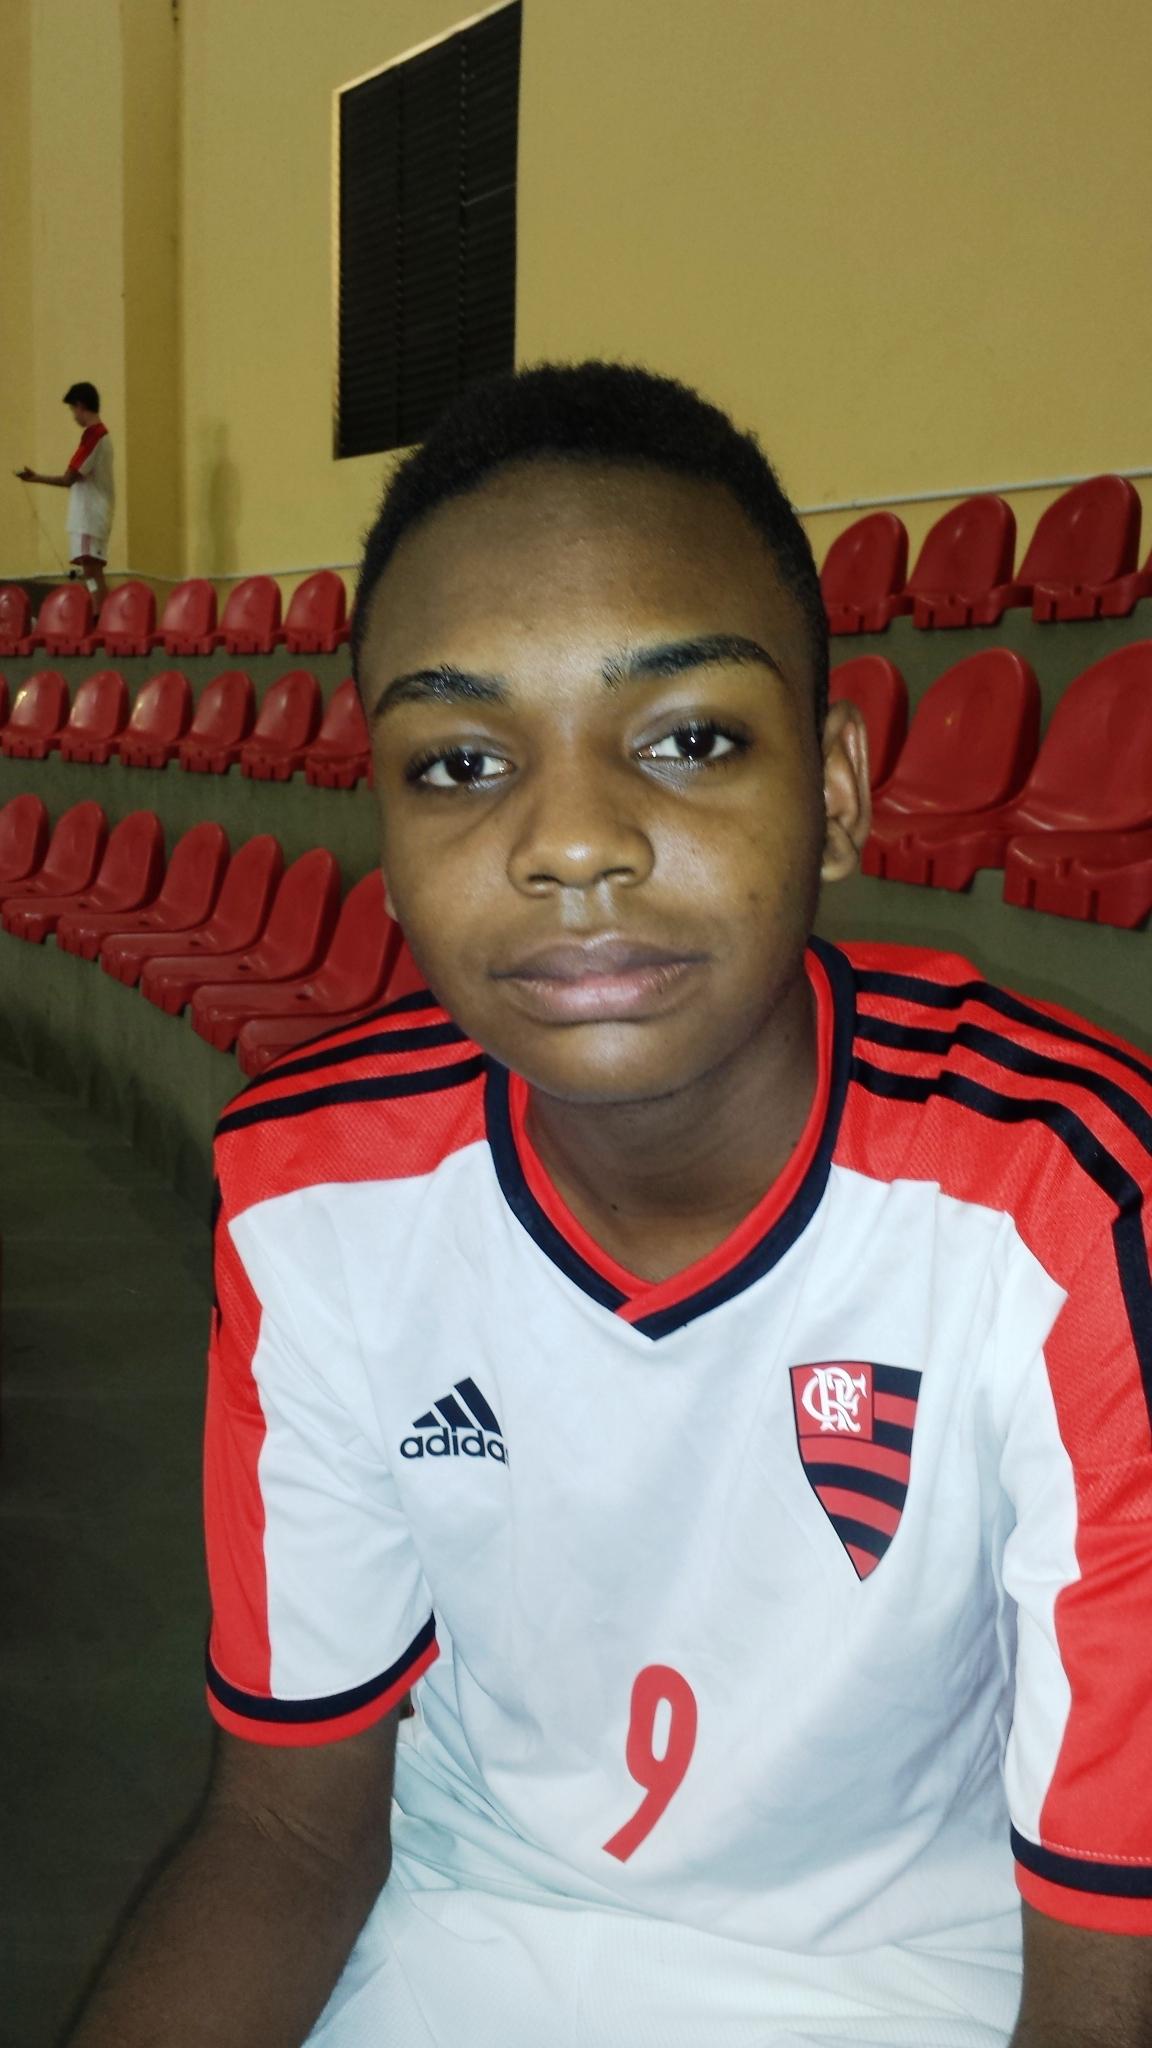 Herick Enzo Alves do Núcleo Higienópolis – Rio/RJ do projeto Vôlei em Rede representa equipe do Flamengo.